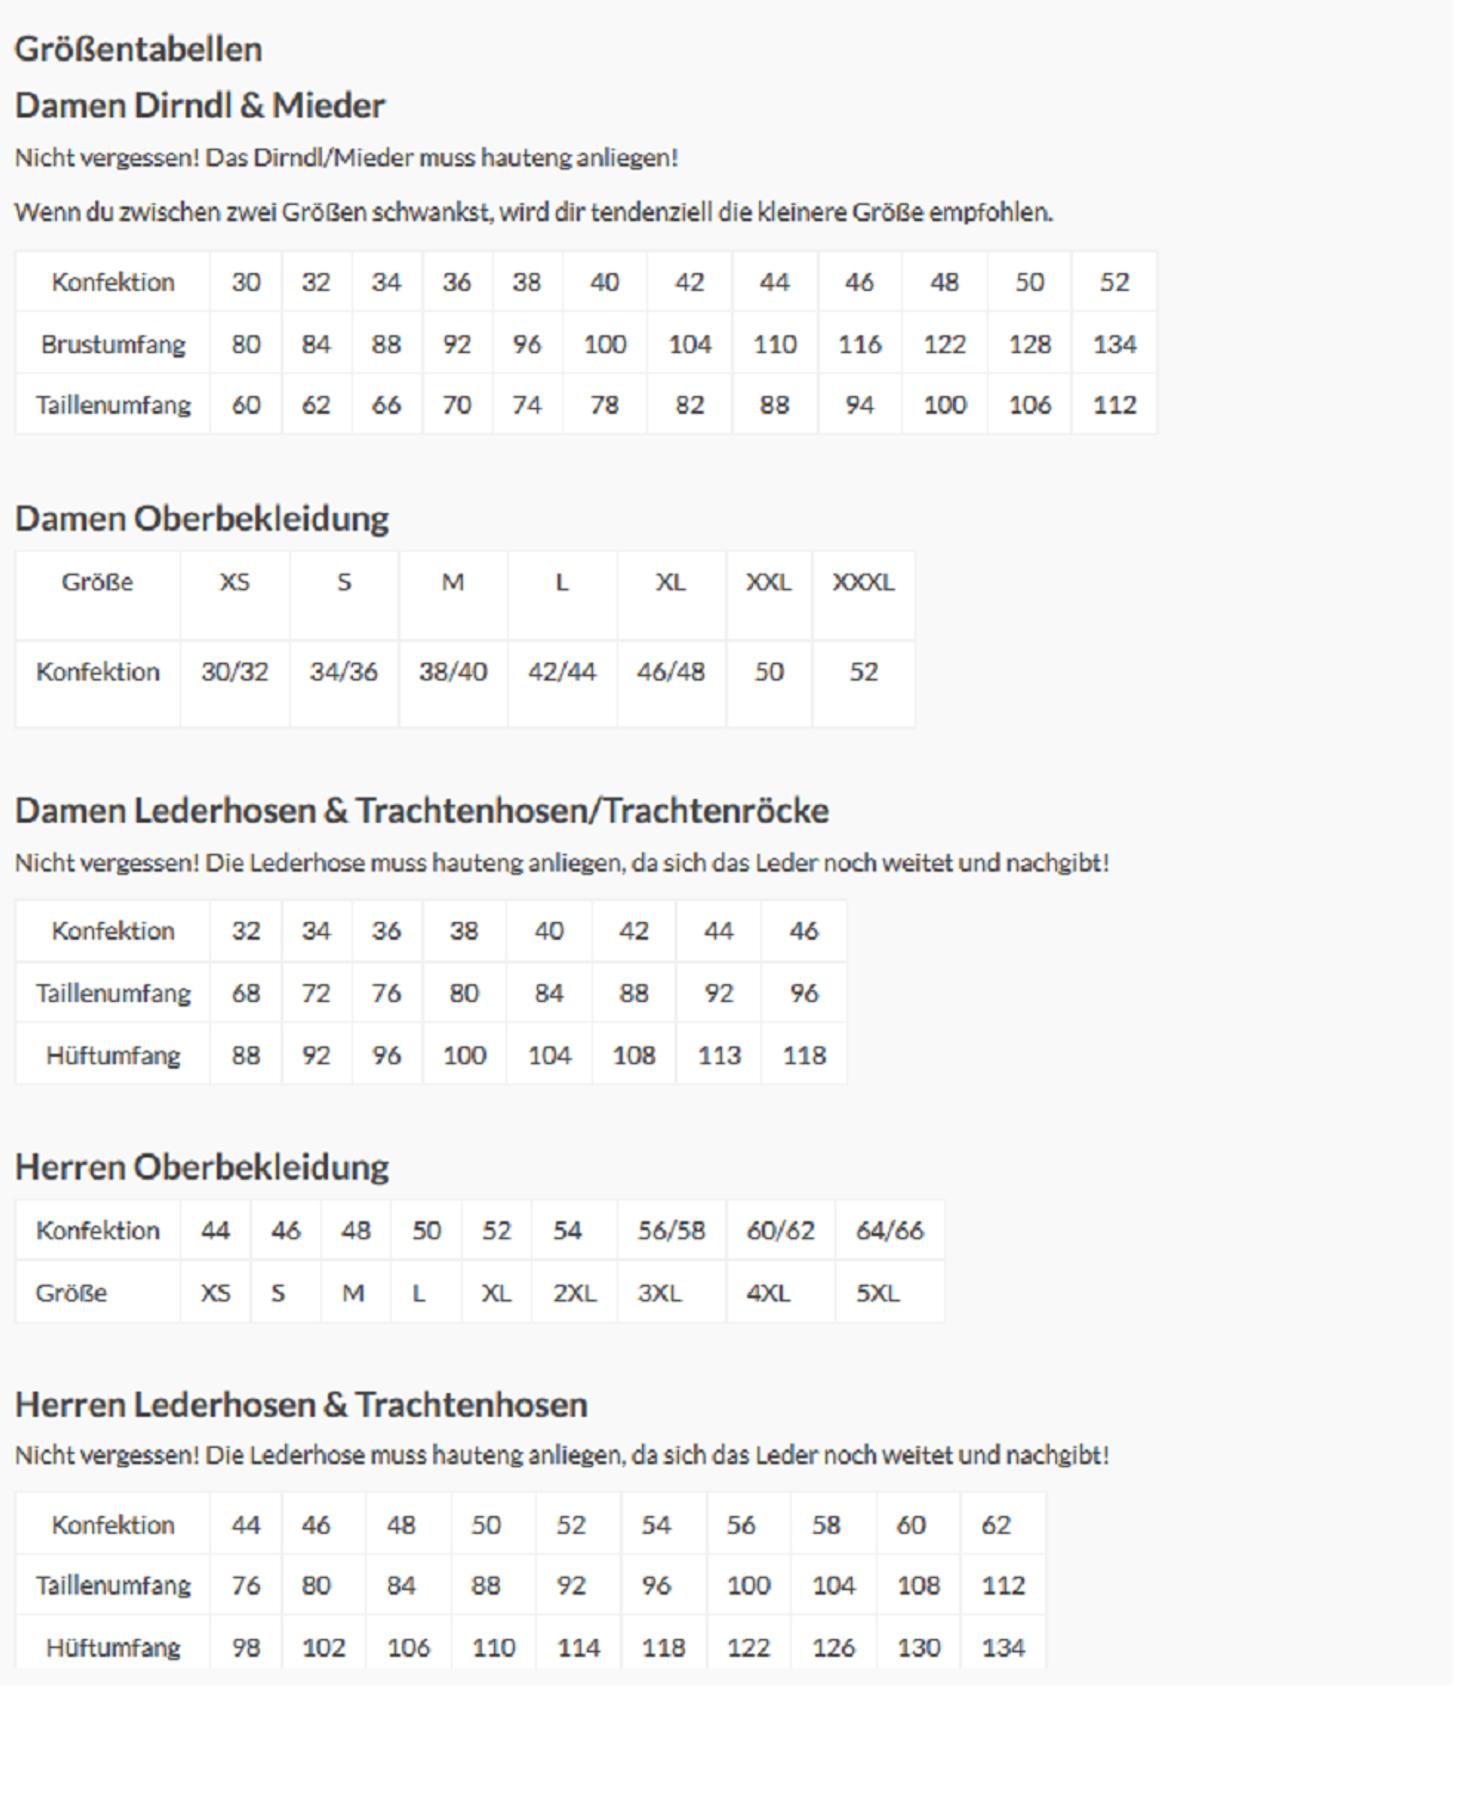 Krüger - Damen Dirndlbluse mit eckigem Ausschnitt in der Farbe Ecru, Classico (Artikelnummer: 42940-2) – Bild 3